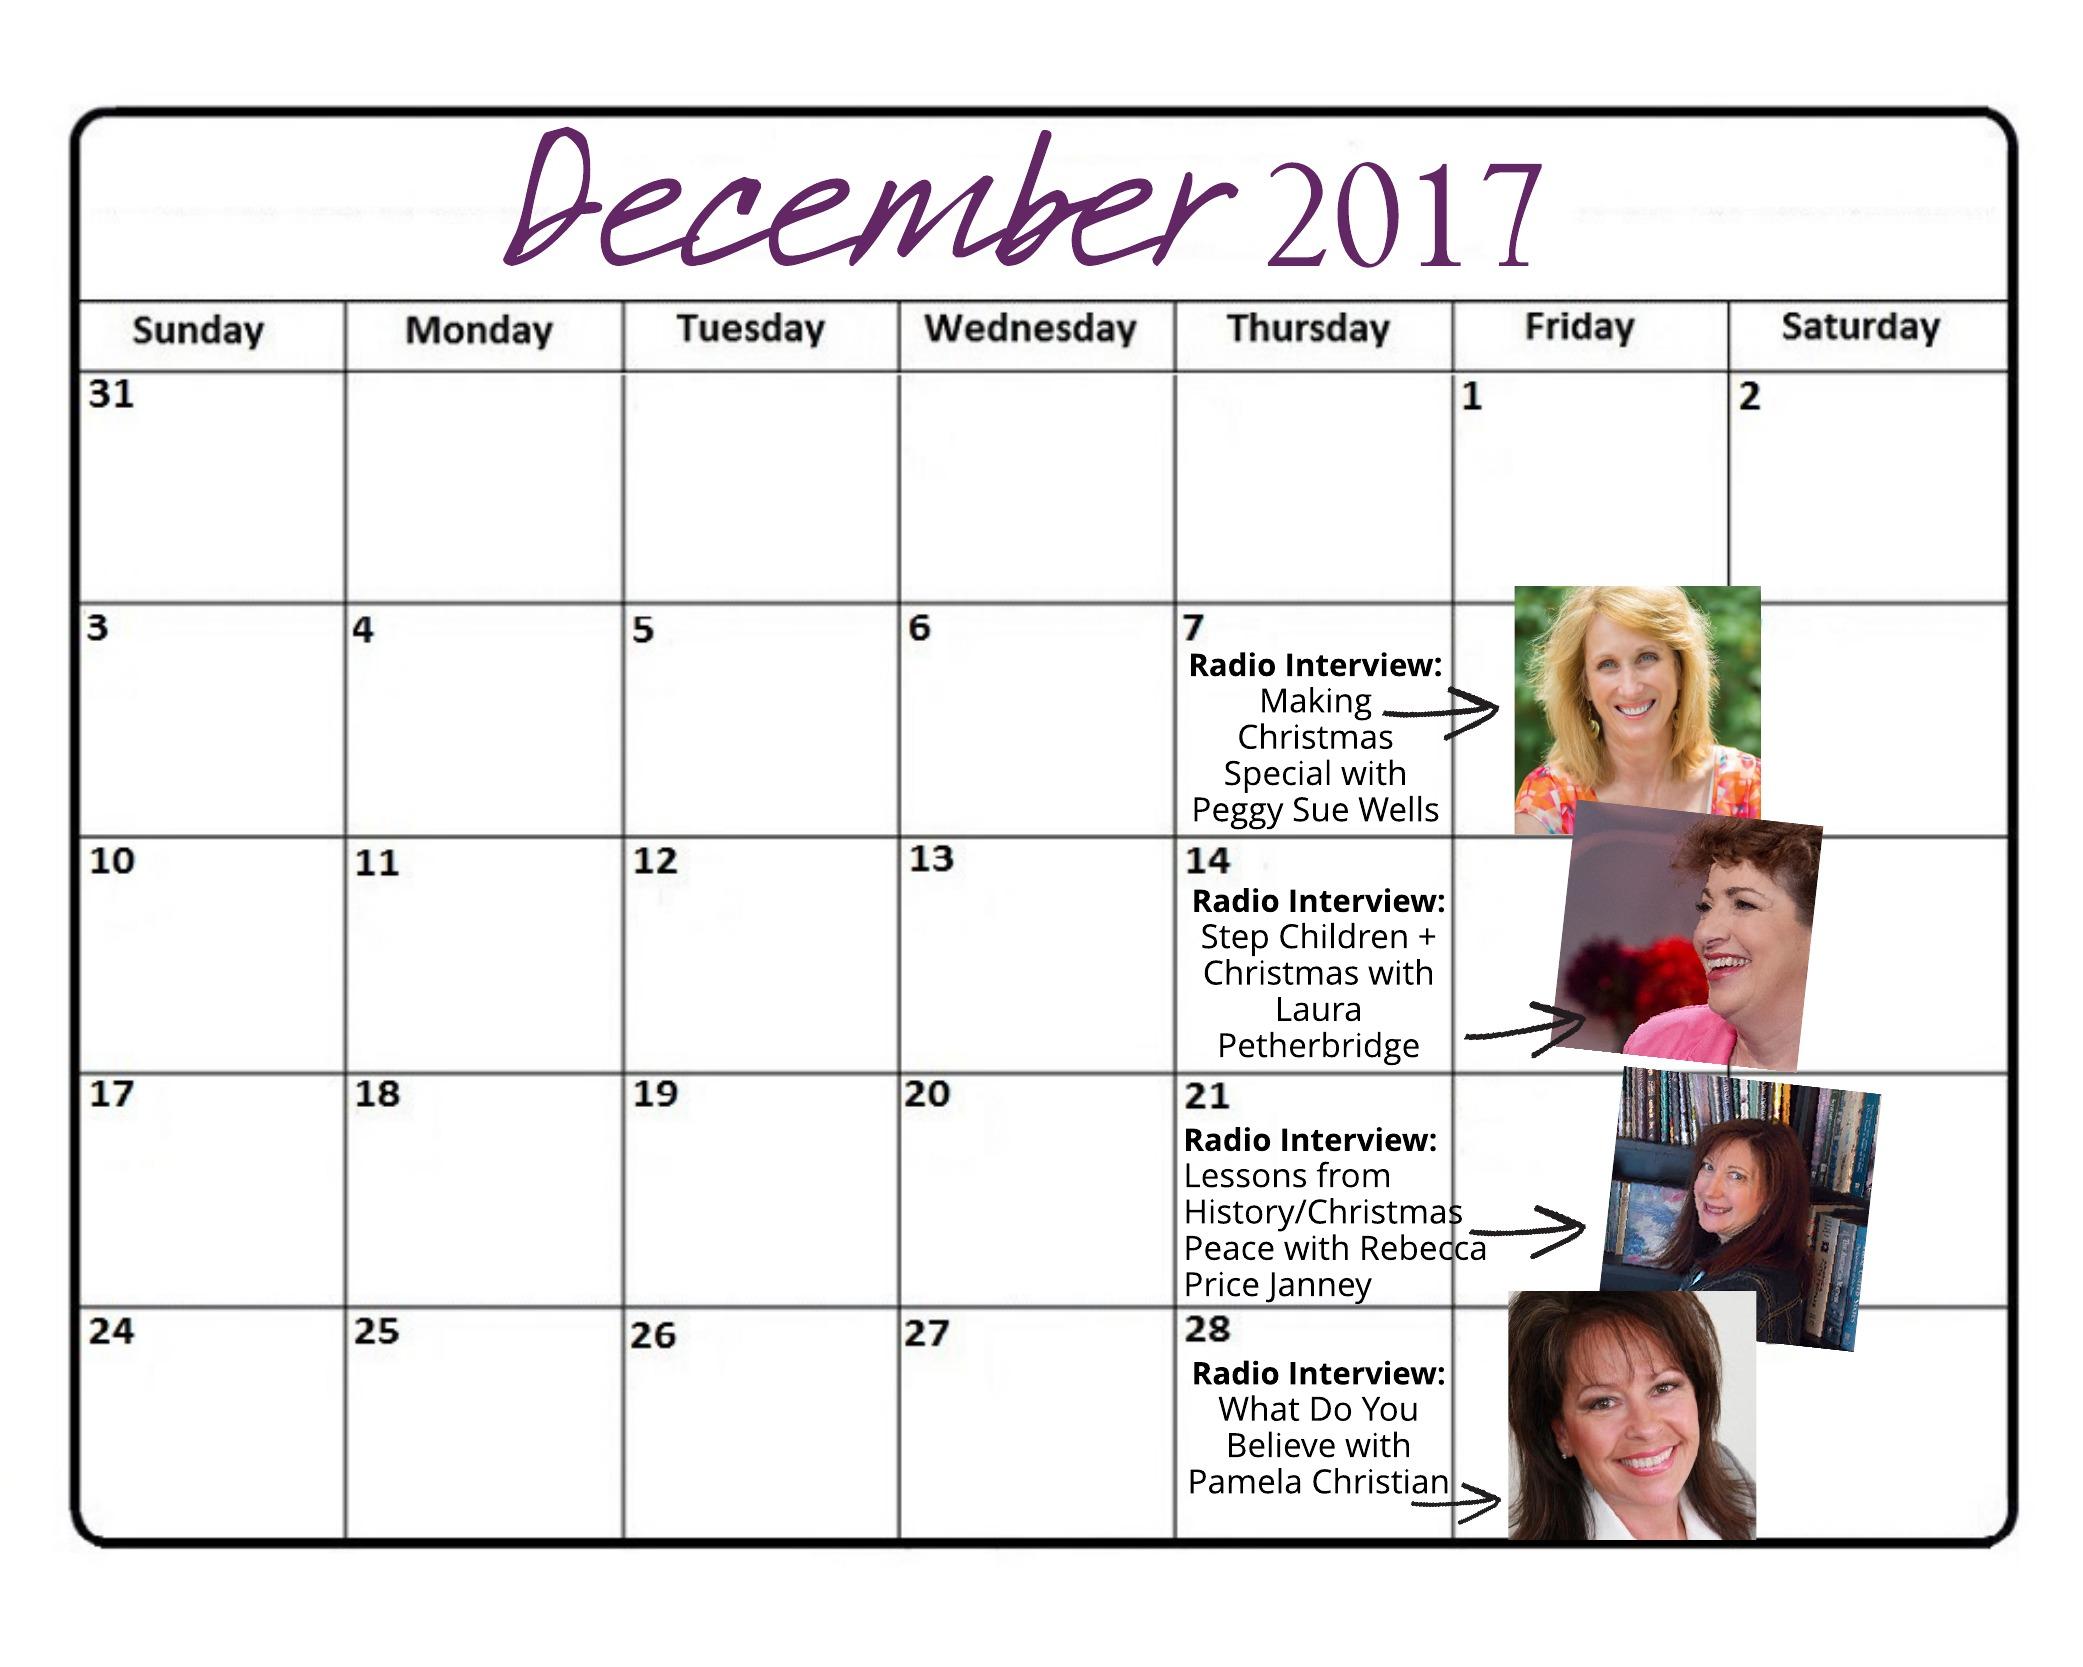 December 2017 Radio Schedule for Website